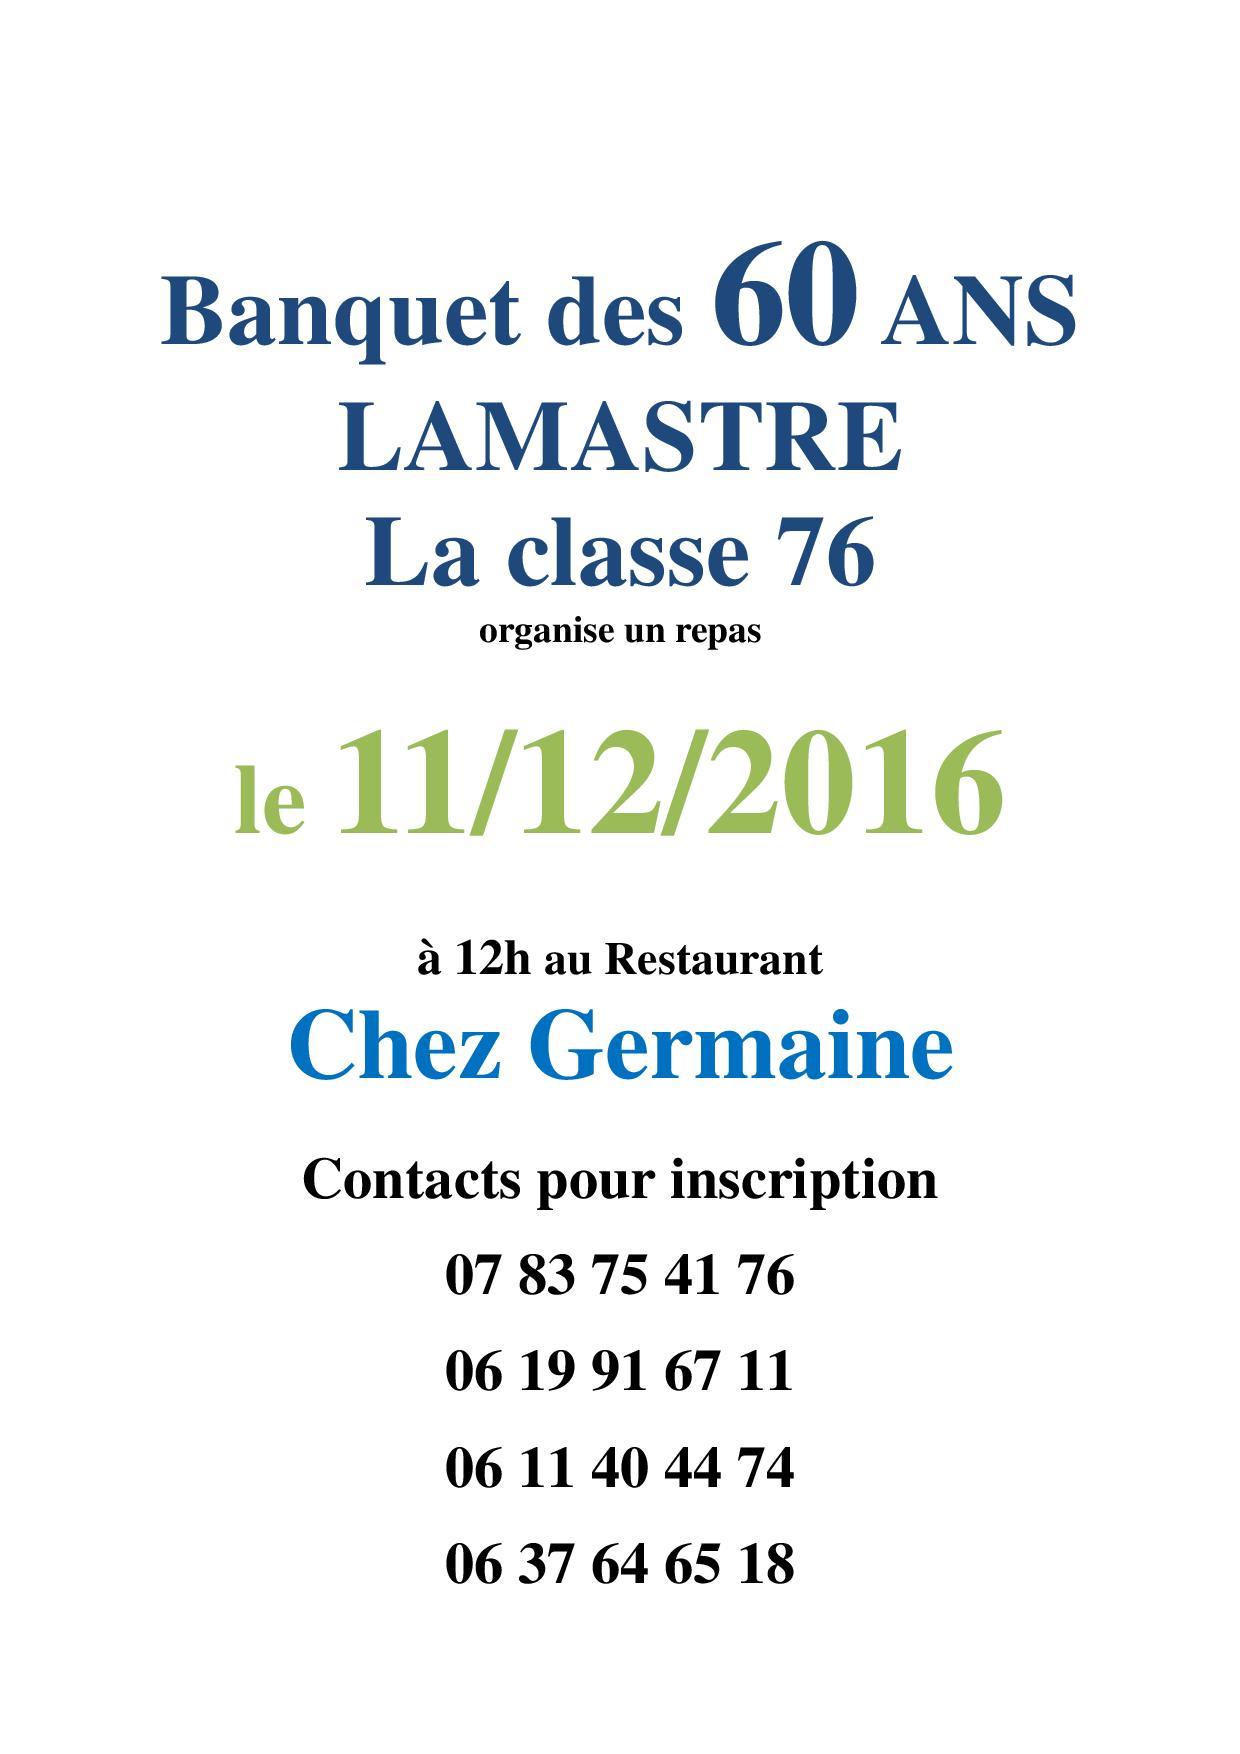 banquet-des-60-ans-page-0011